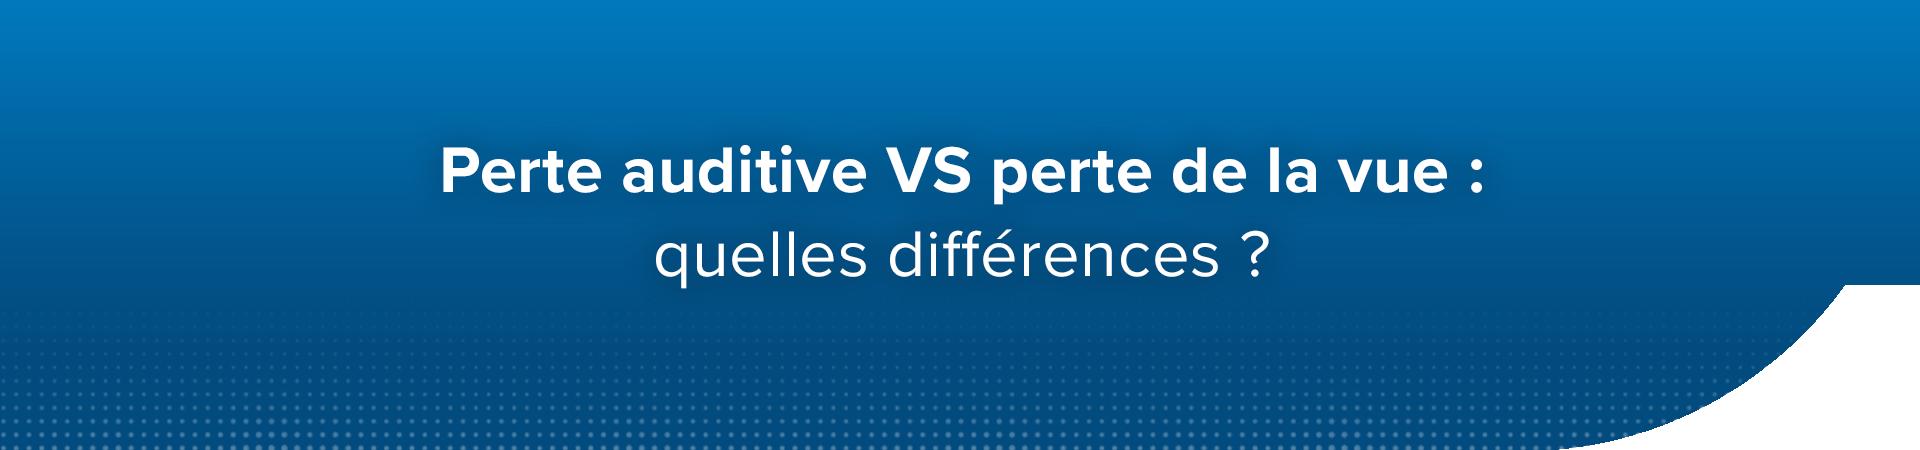 Perte auditive vs. perte de la vue : quelles différences ?